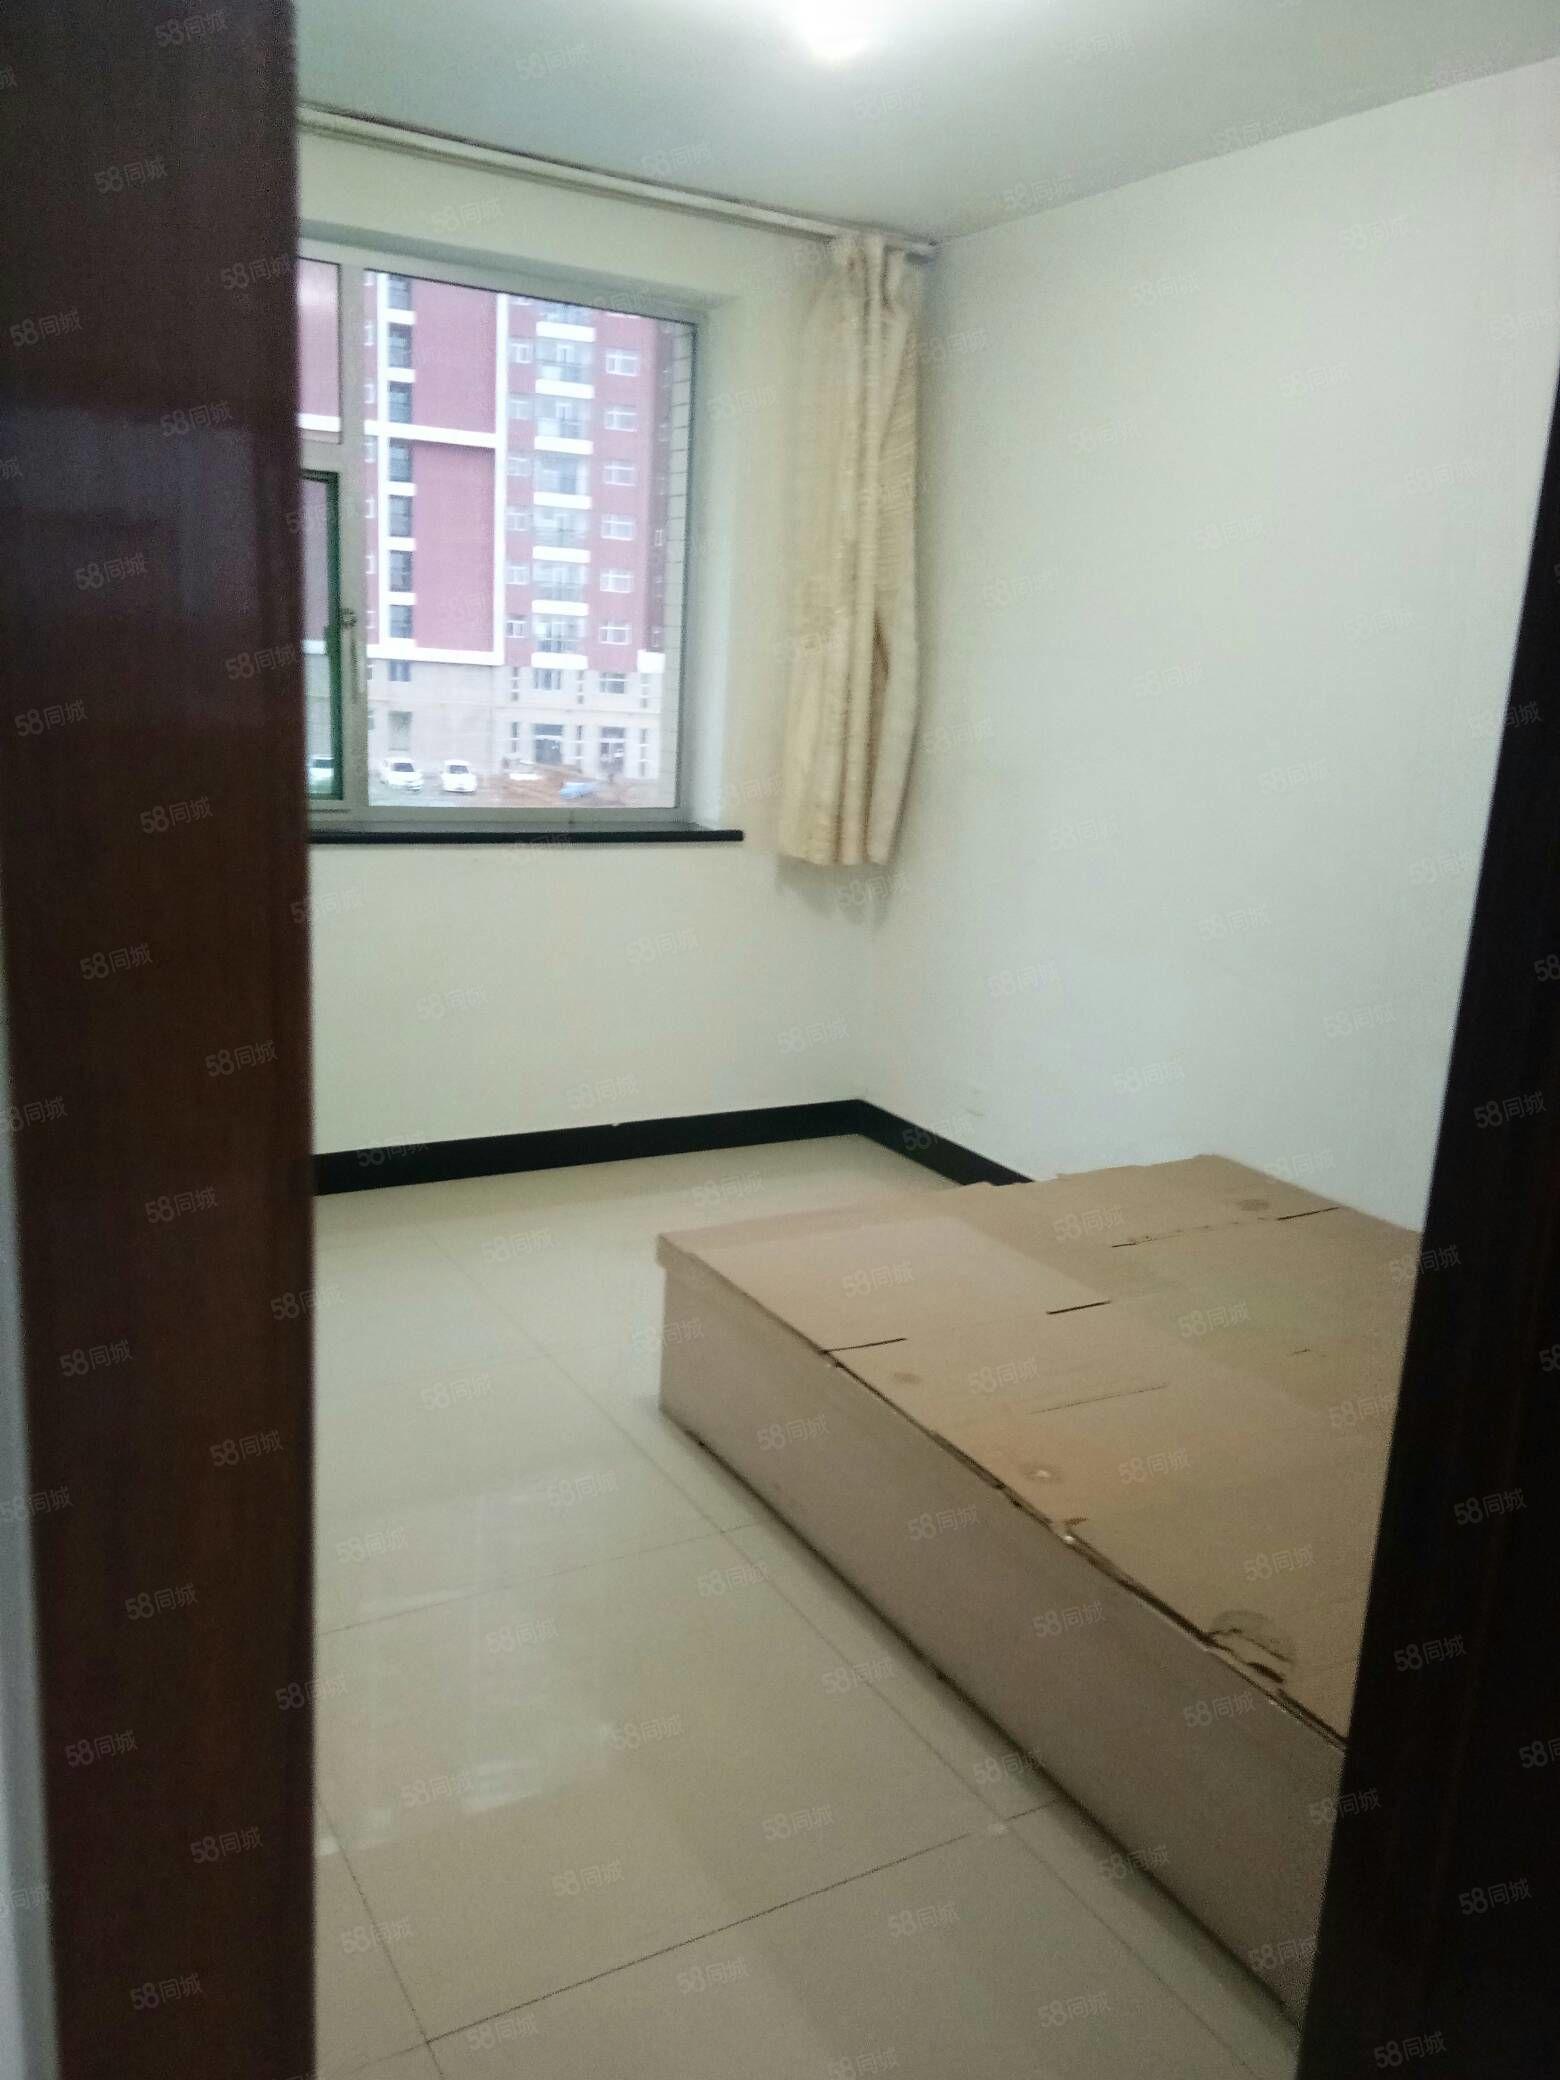 开发区,三层,拎包入住,房子非常干净,小区方便停车